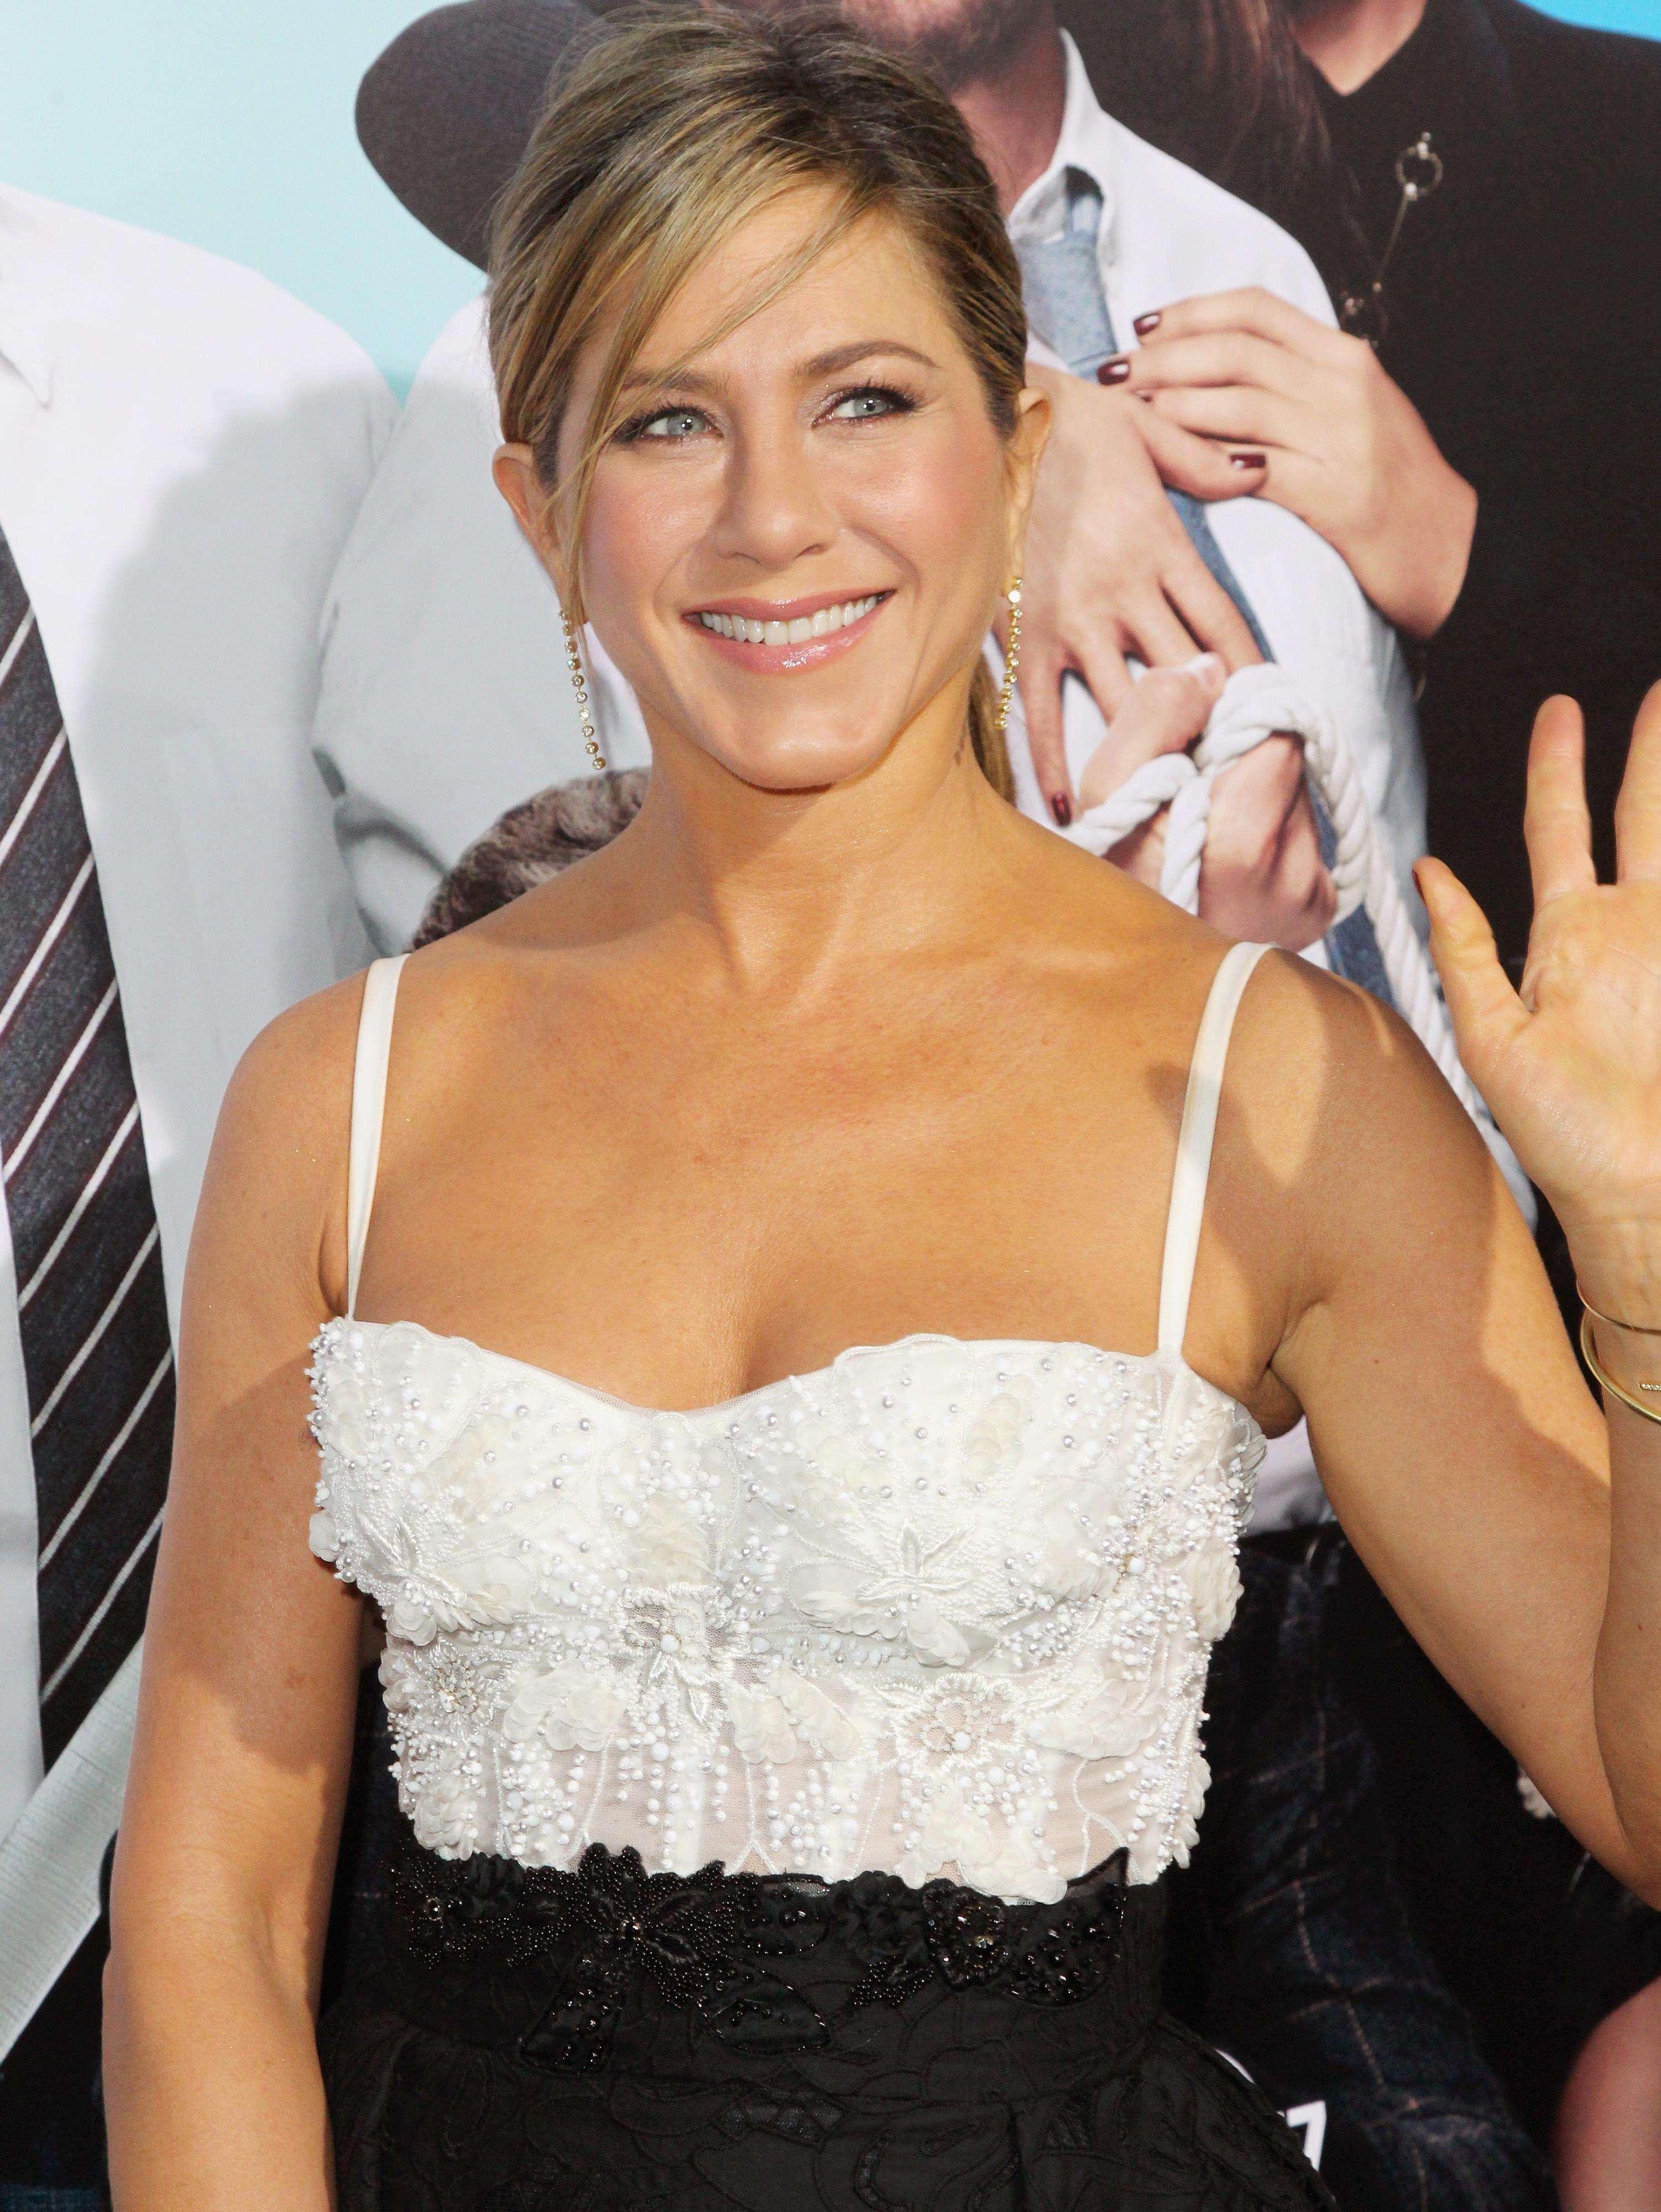 Jennifer Aniston participó en una broma hacia un reportero convirtiéndose en ¡la peor entrevistada de la historia! Foto: Getty Images